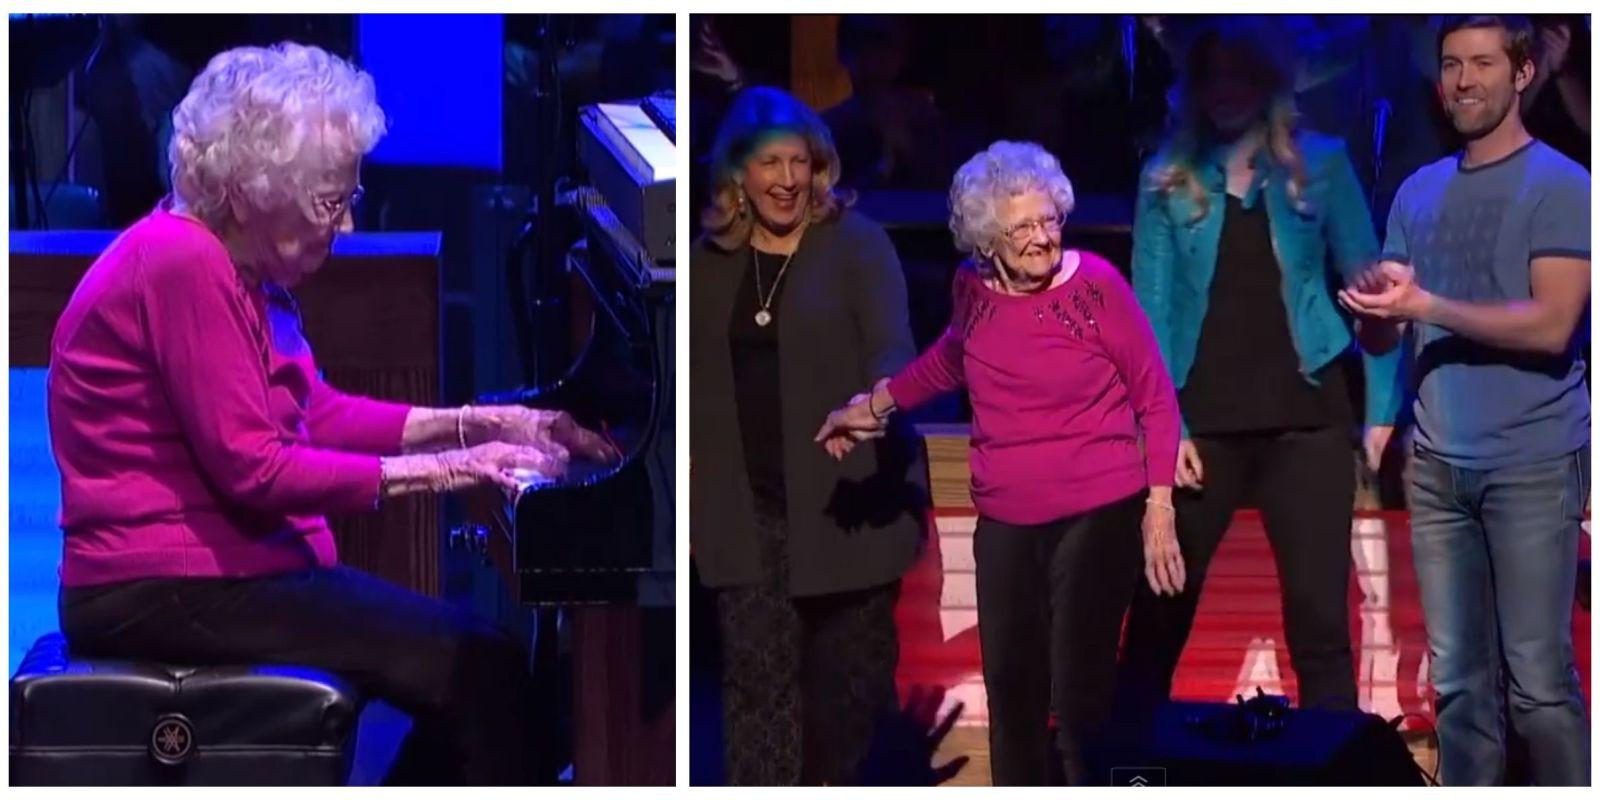 Niezwykłe wystąpienie 98-letniej Lois Cunningham  na koncercie country